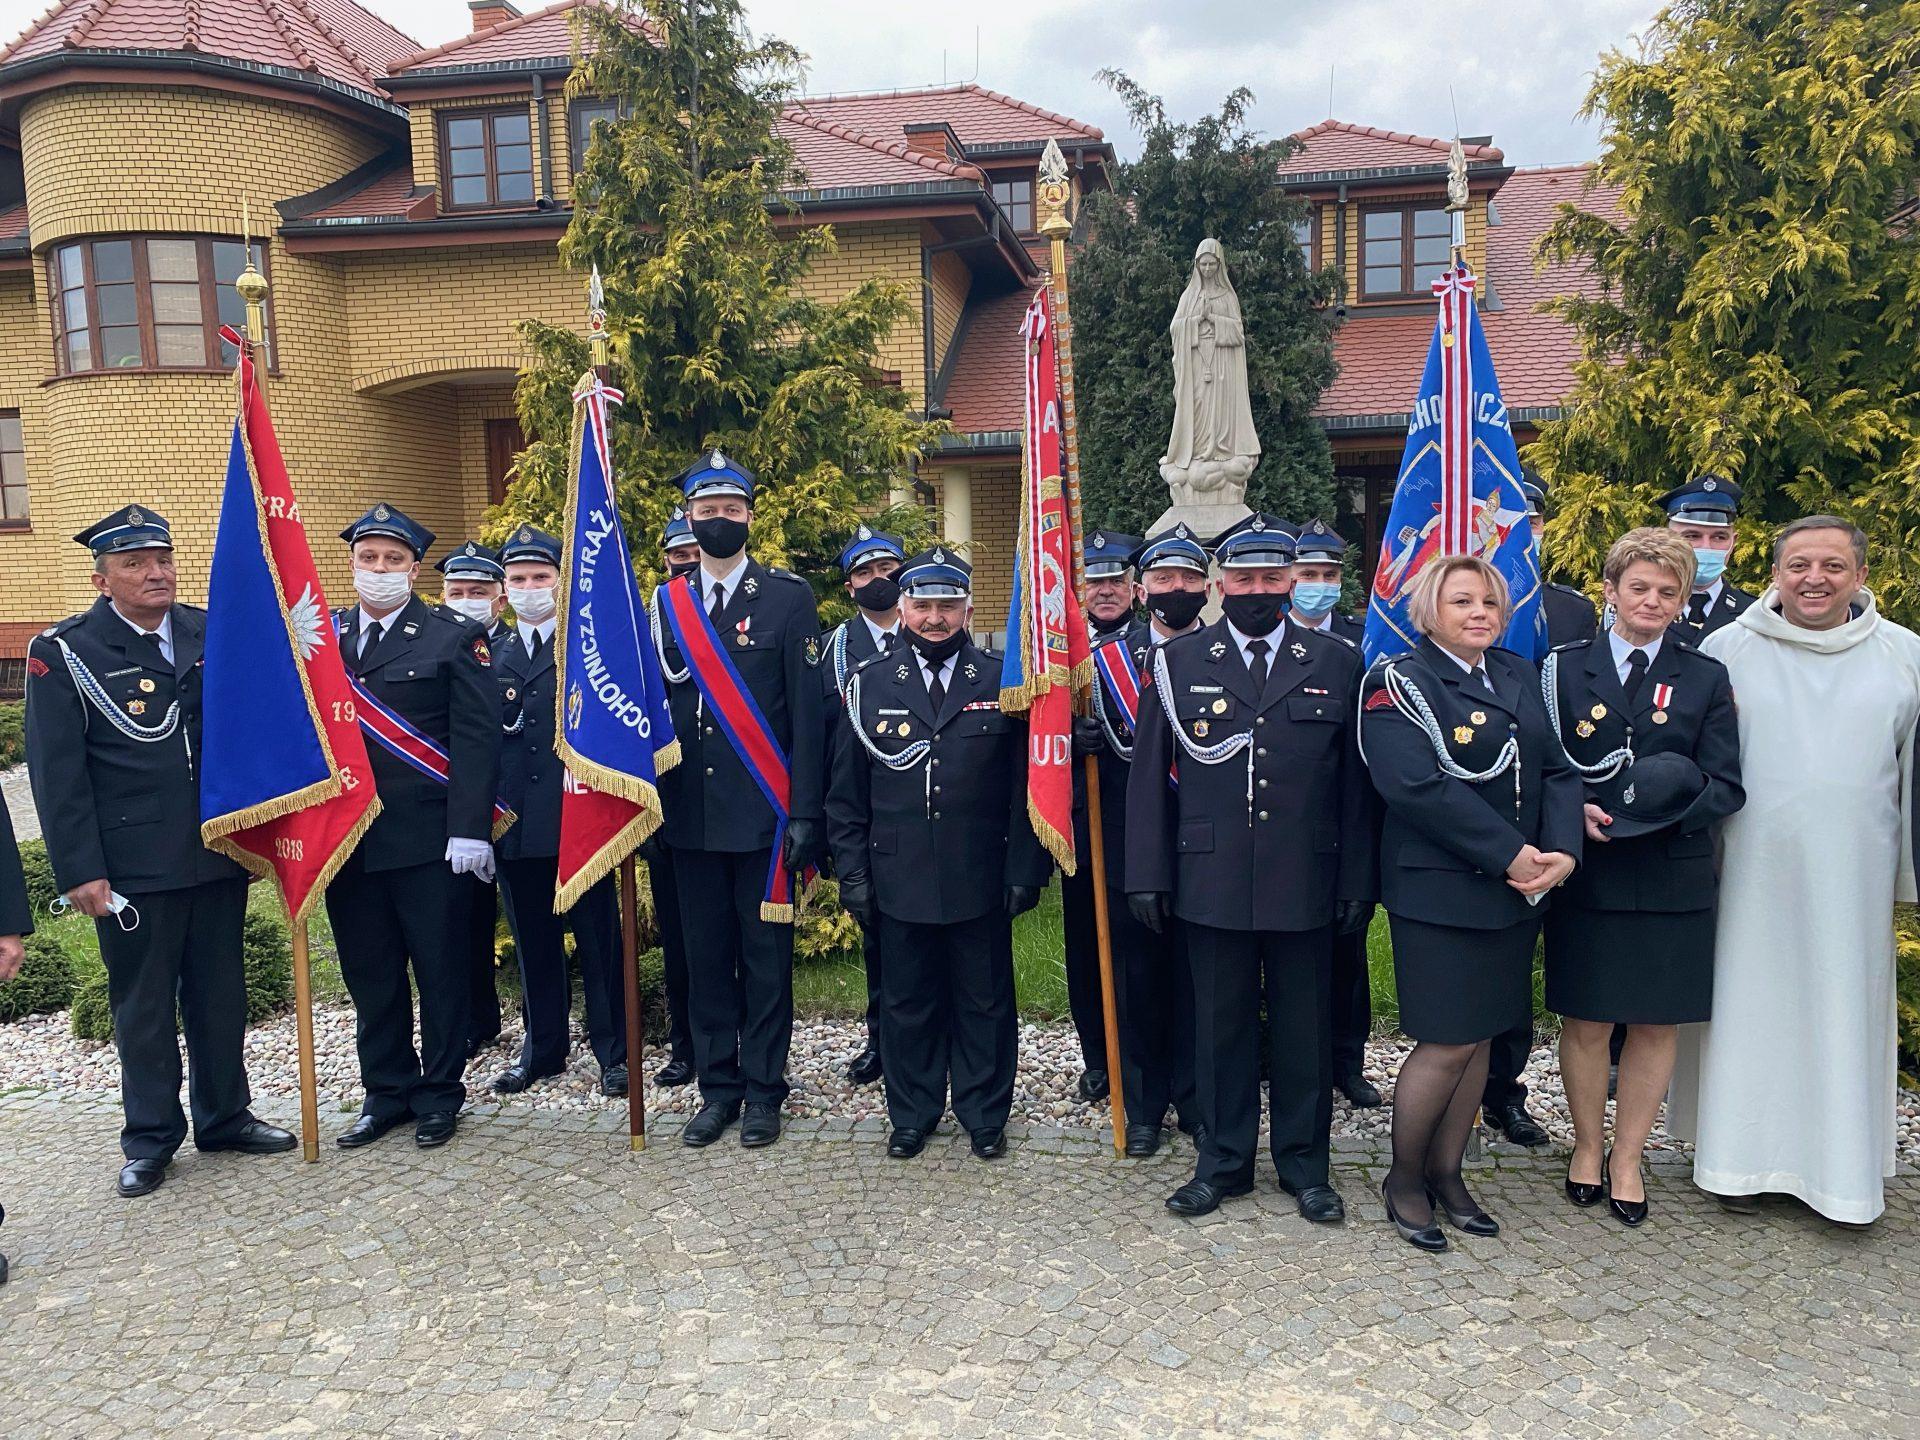 Zdjęcie przedstawia poczty sztandarowe Straży z terenu Gminy Jakubów wraz z Proboszczem Parafii Mistów - Ojcem Marcinem Borządkiem.